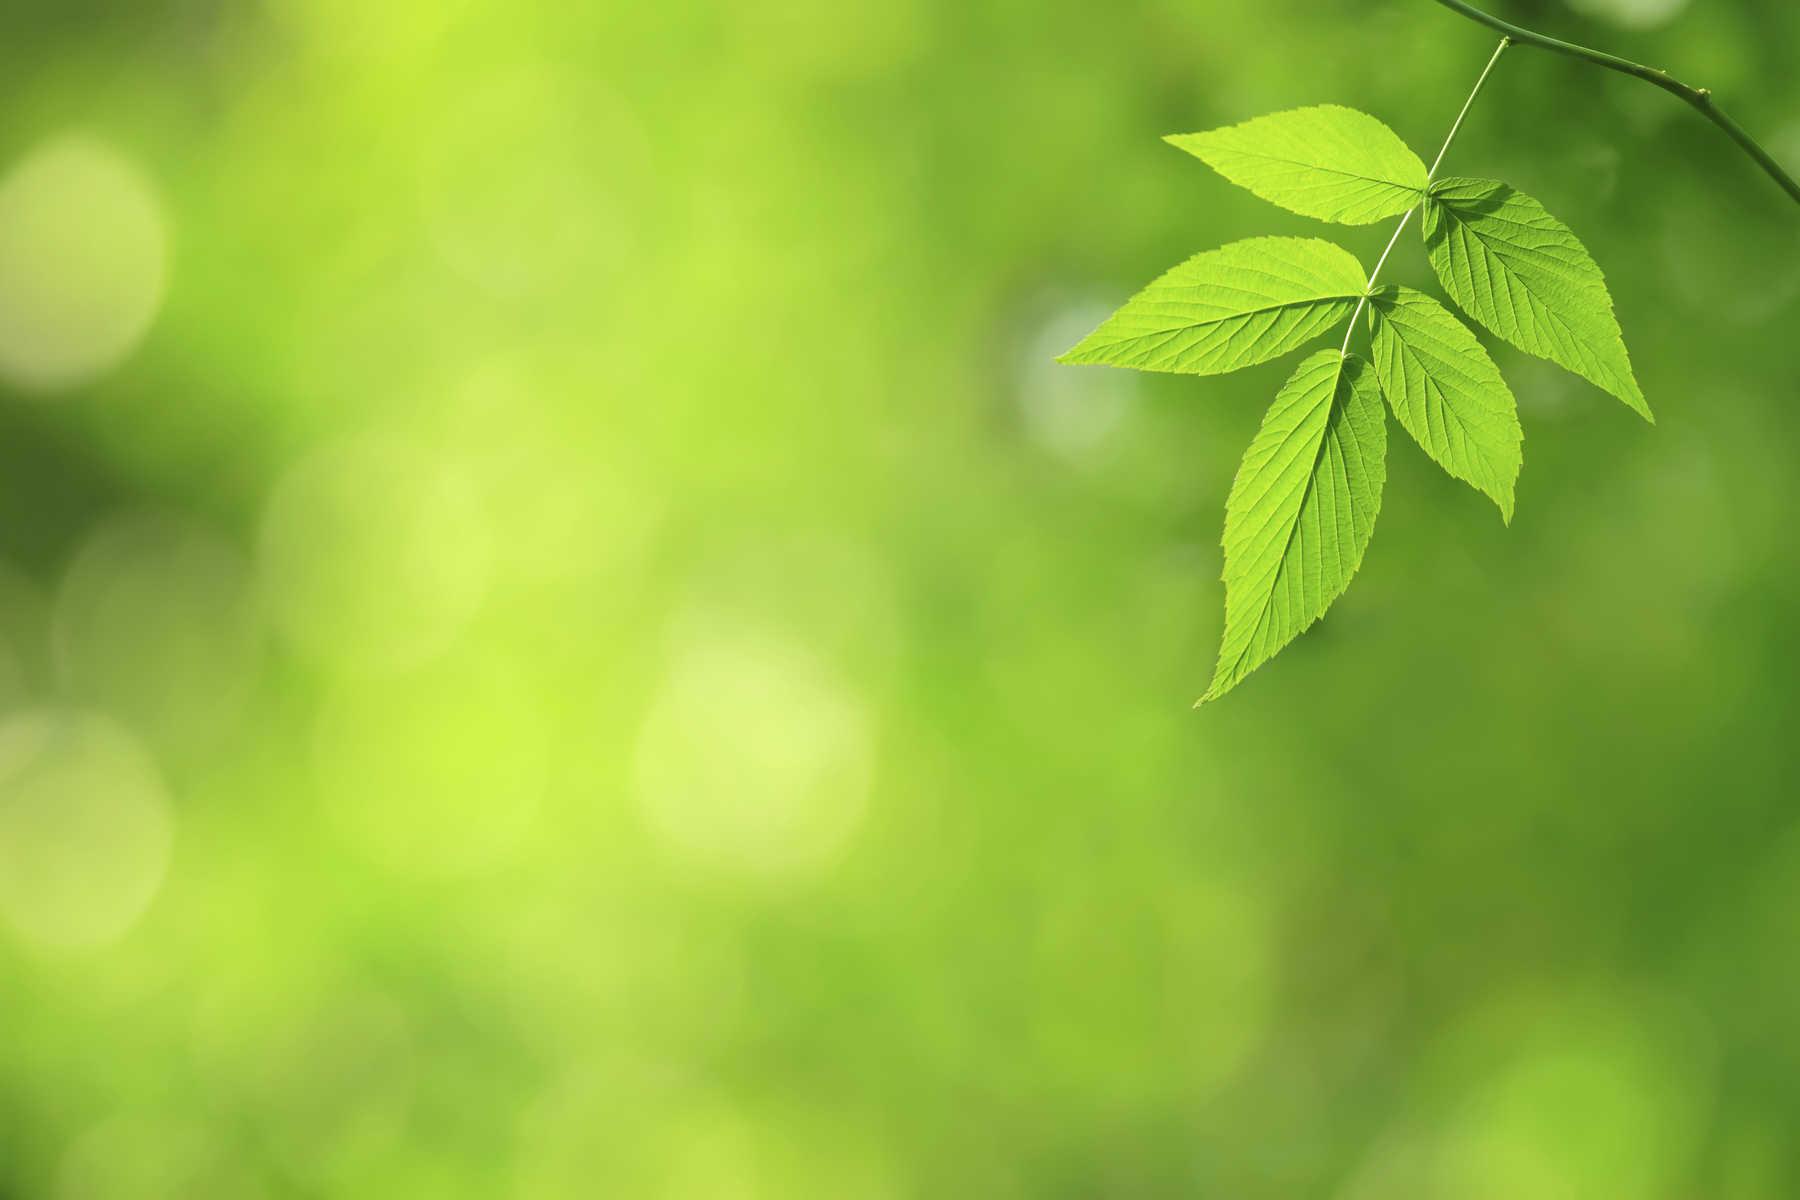 eco-background